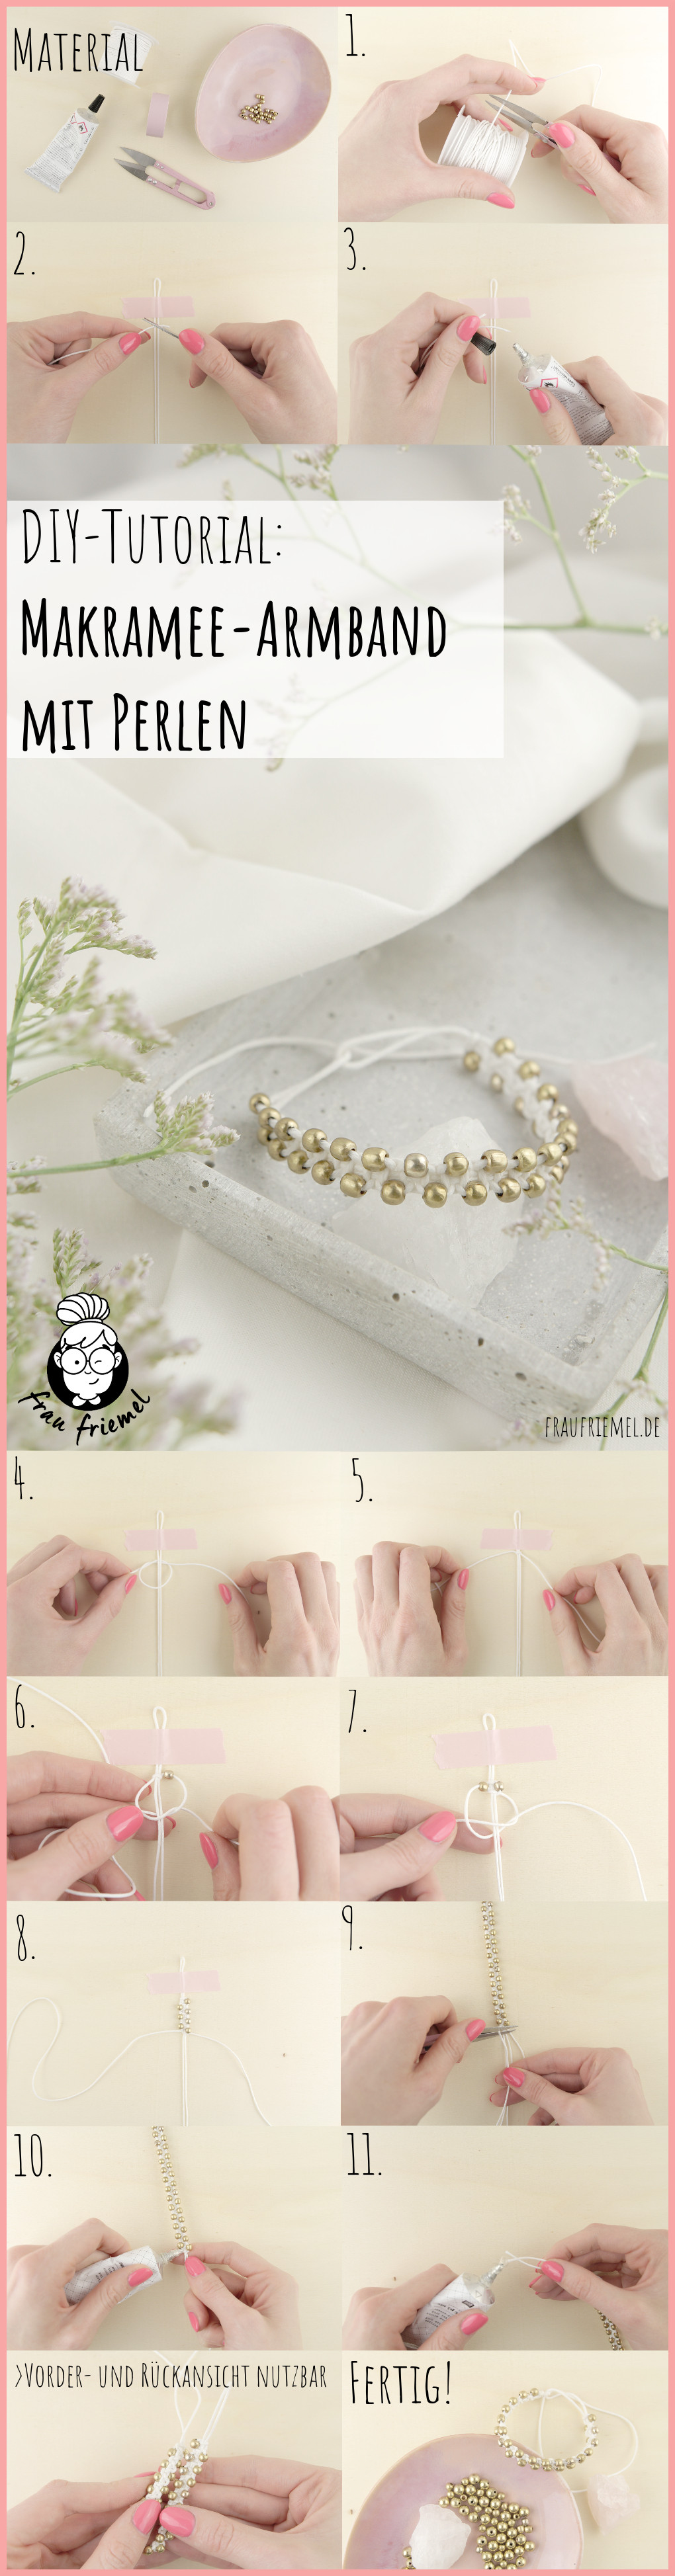 Makramee-Armband knüpfen mit Perlen - Gesamtanleitung frau friemel